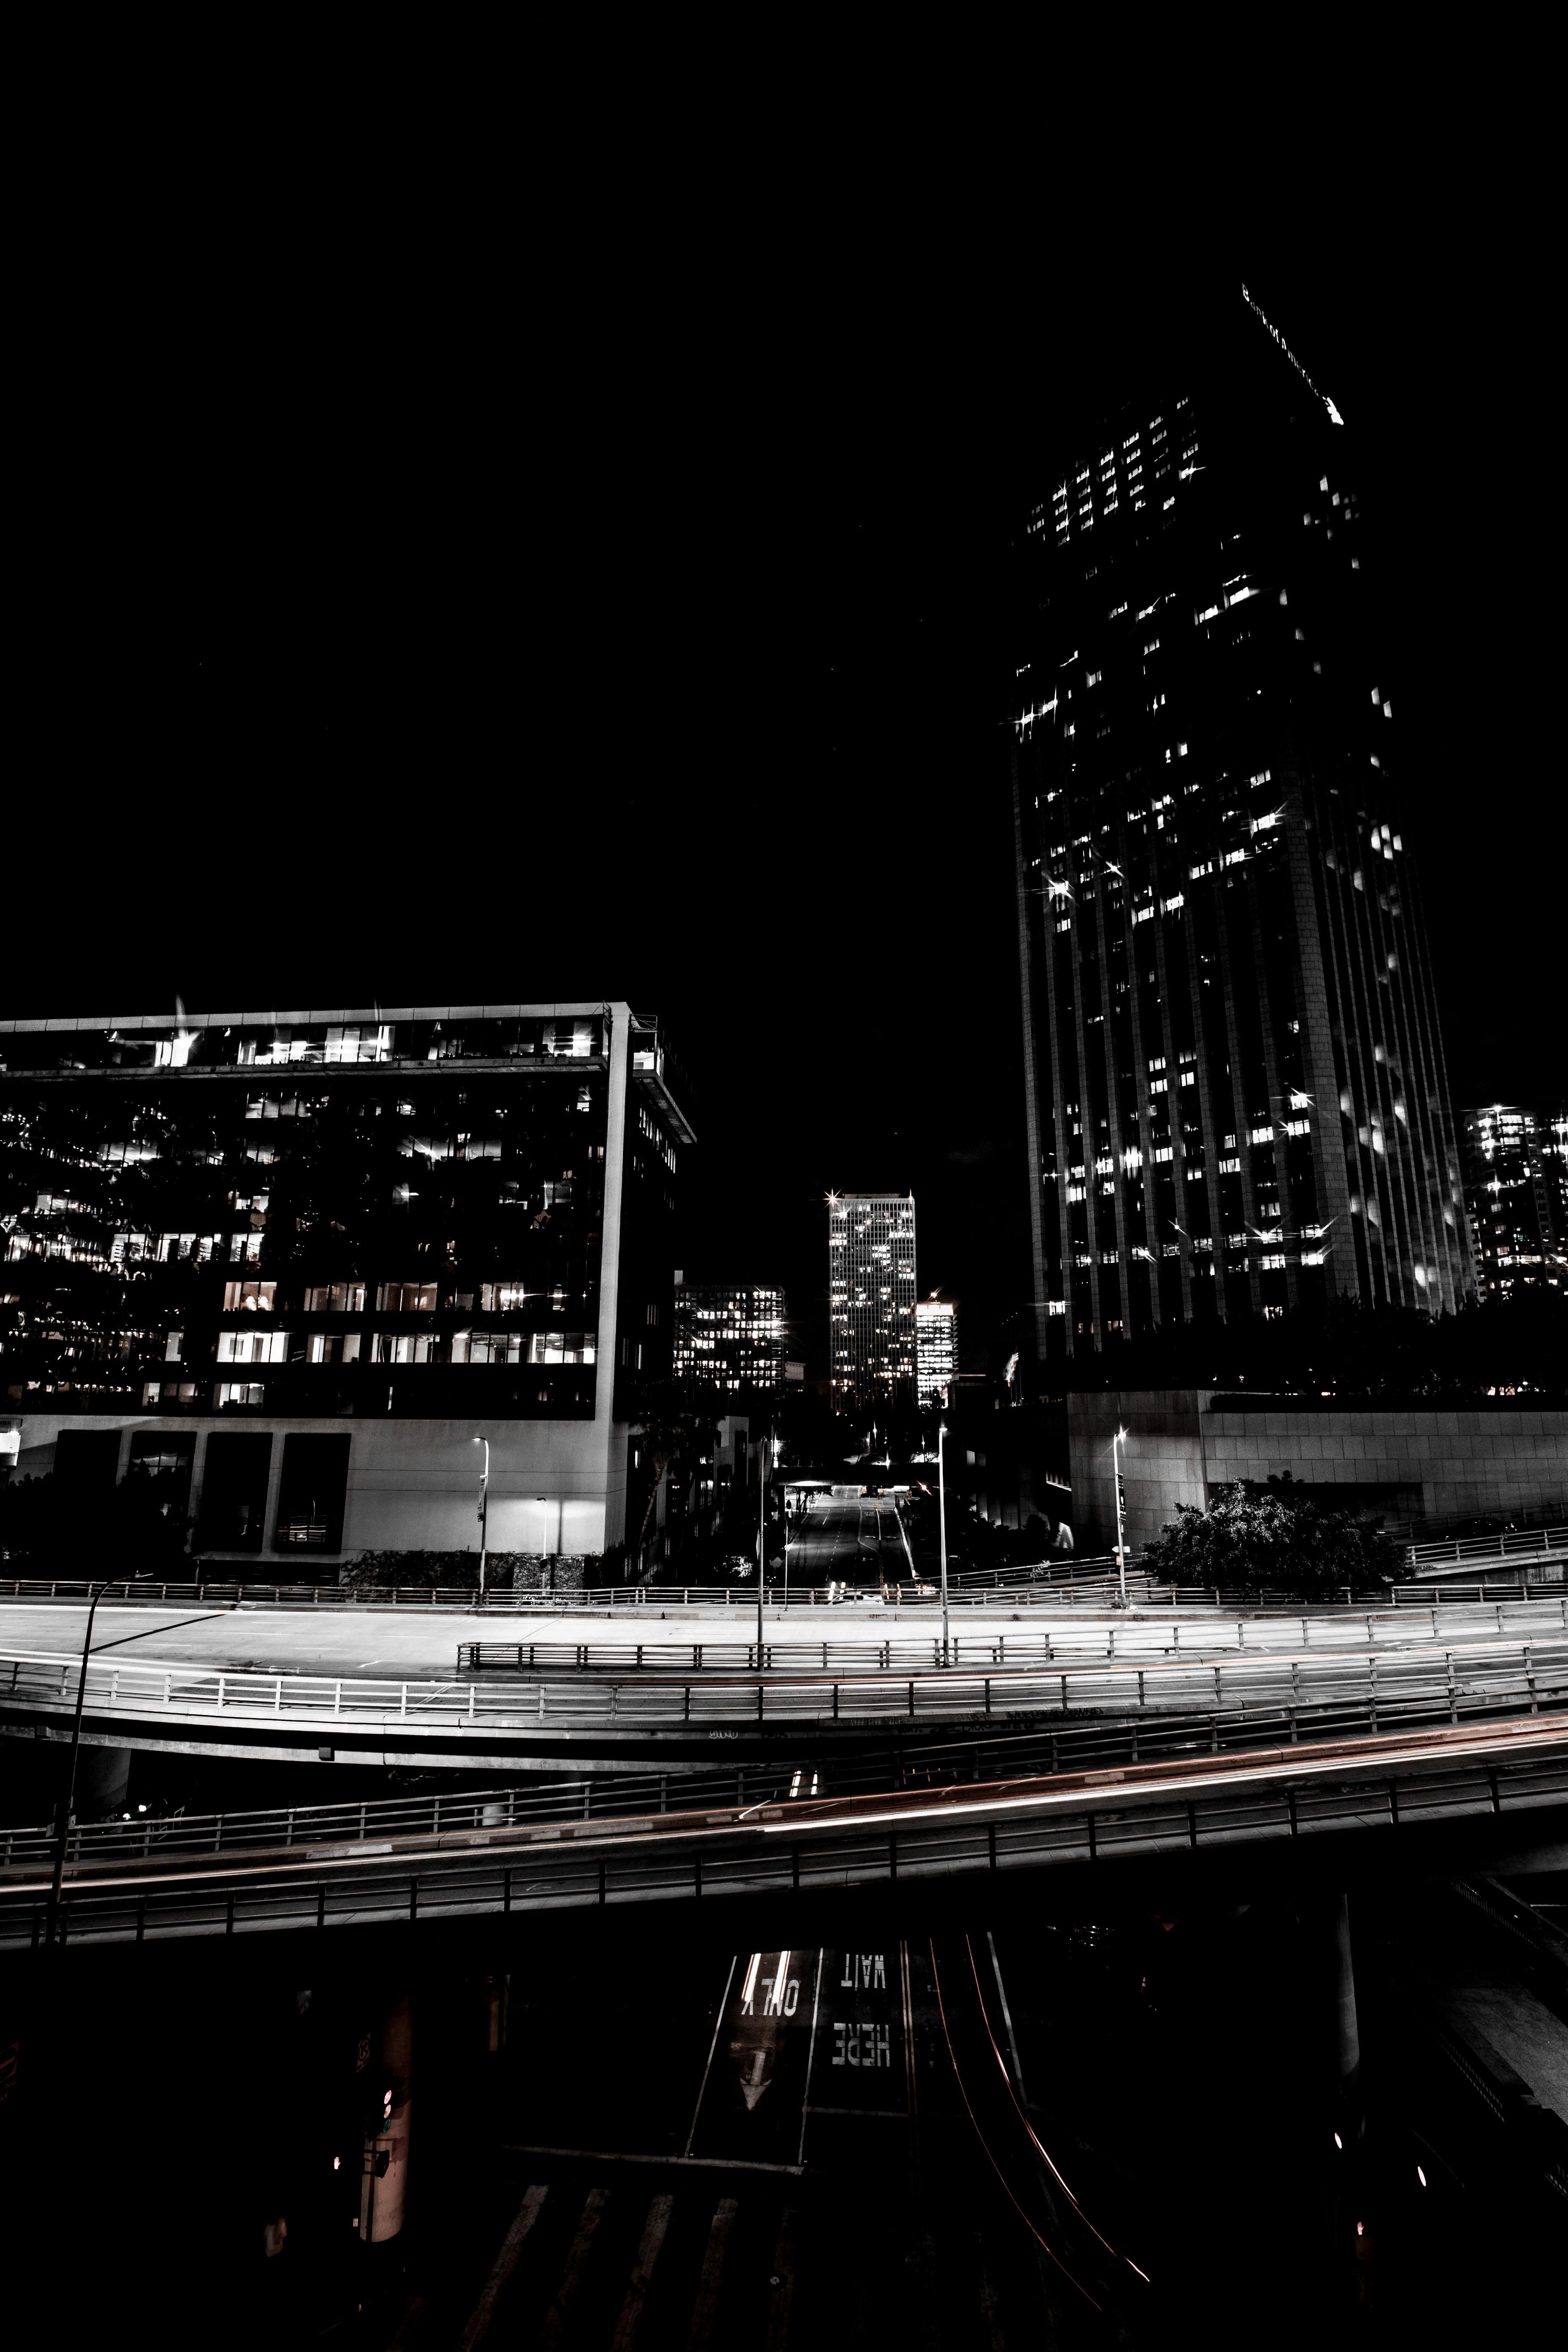 90337 скачать обои Небоскребы, Дорога, Транспортная Развязка, Ночь, Огни, Городской, Города - заставки и картинки бесплатно